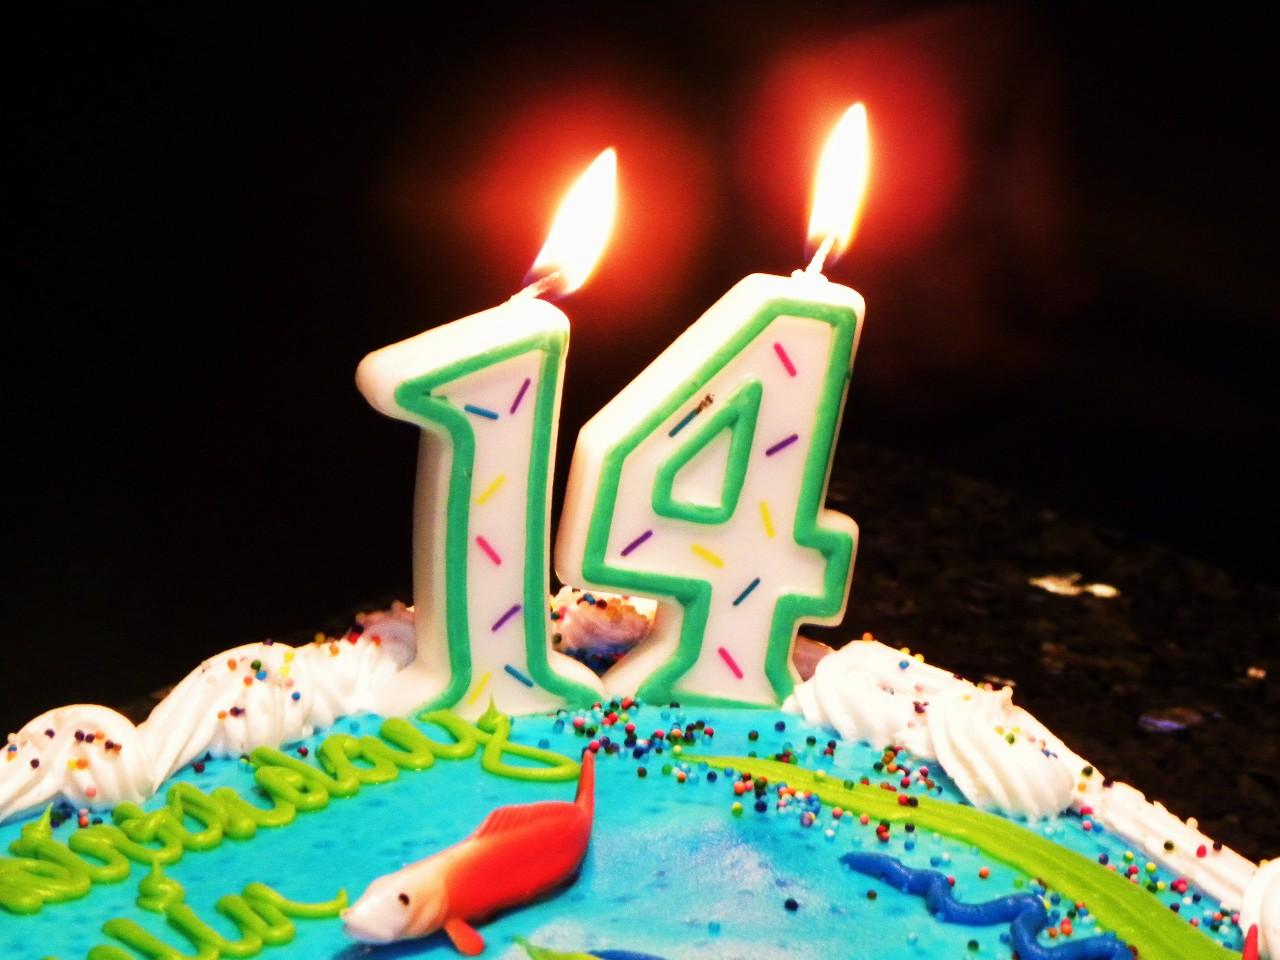 Открытки на день рождения мальчику 14, огнем днем рождения